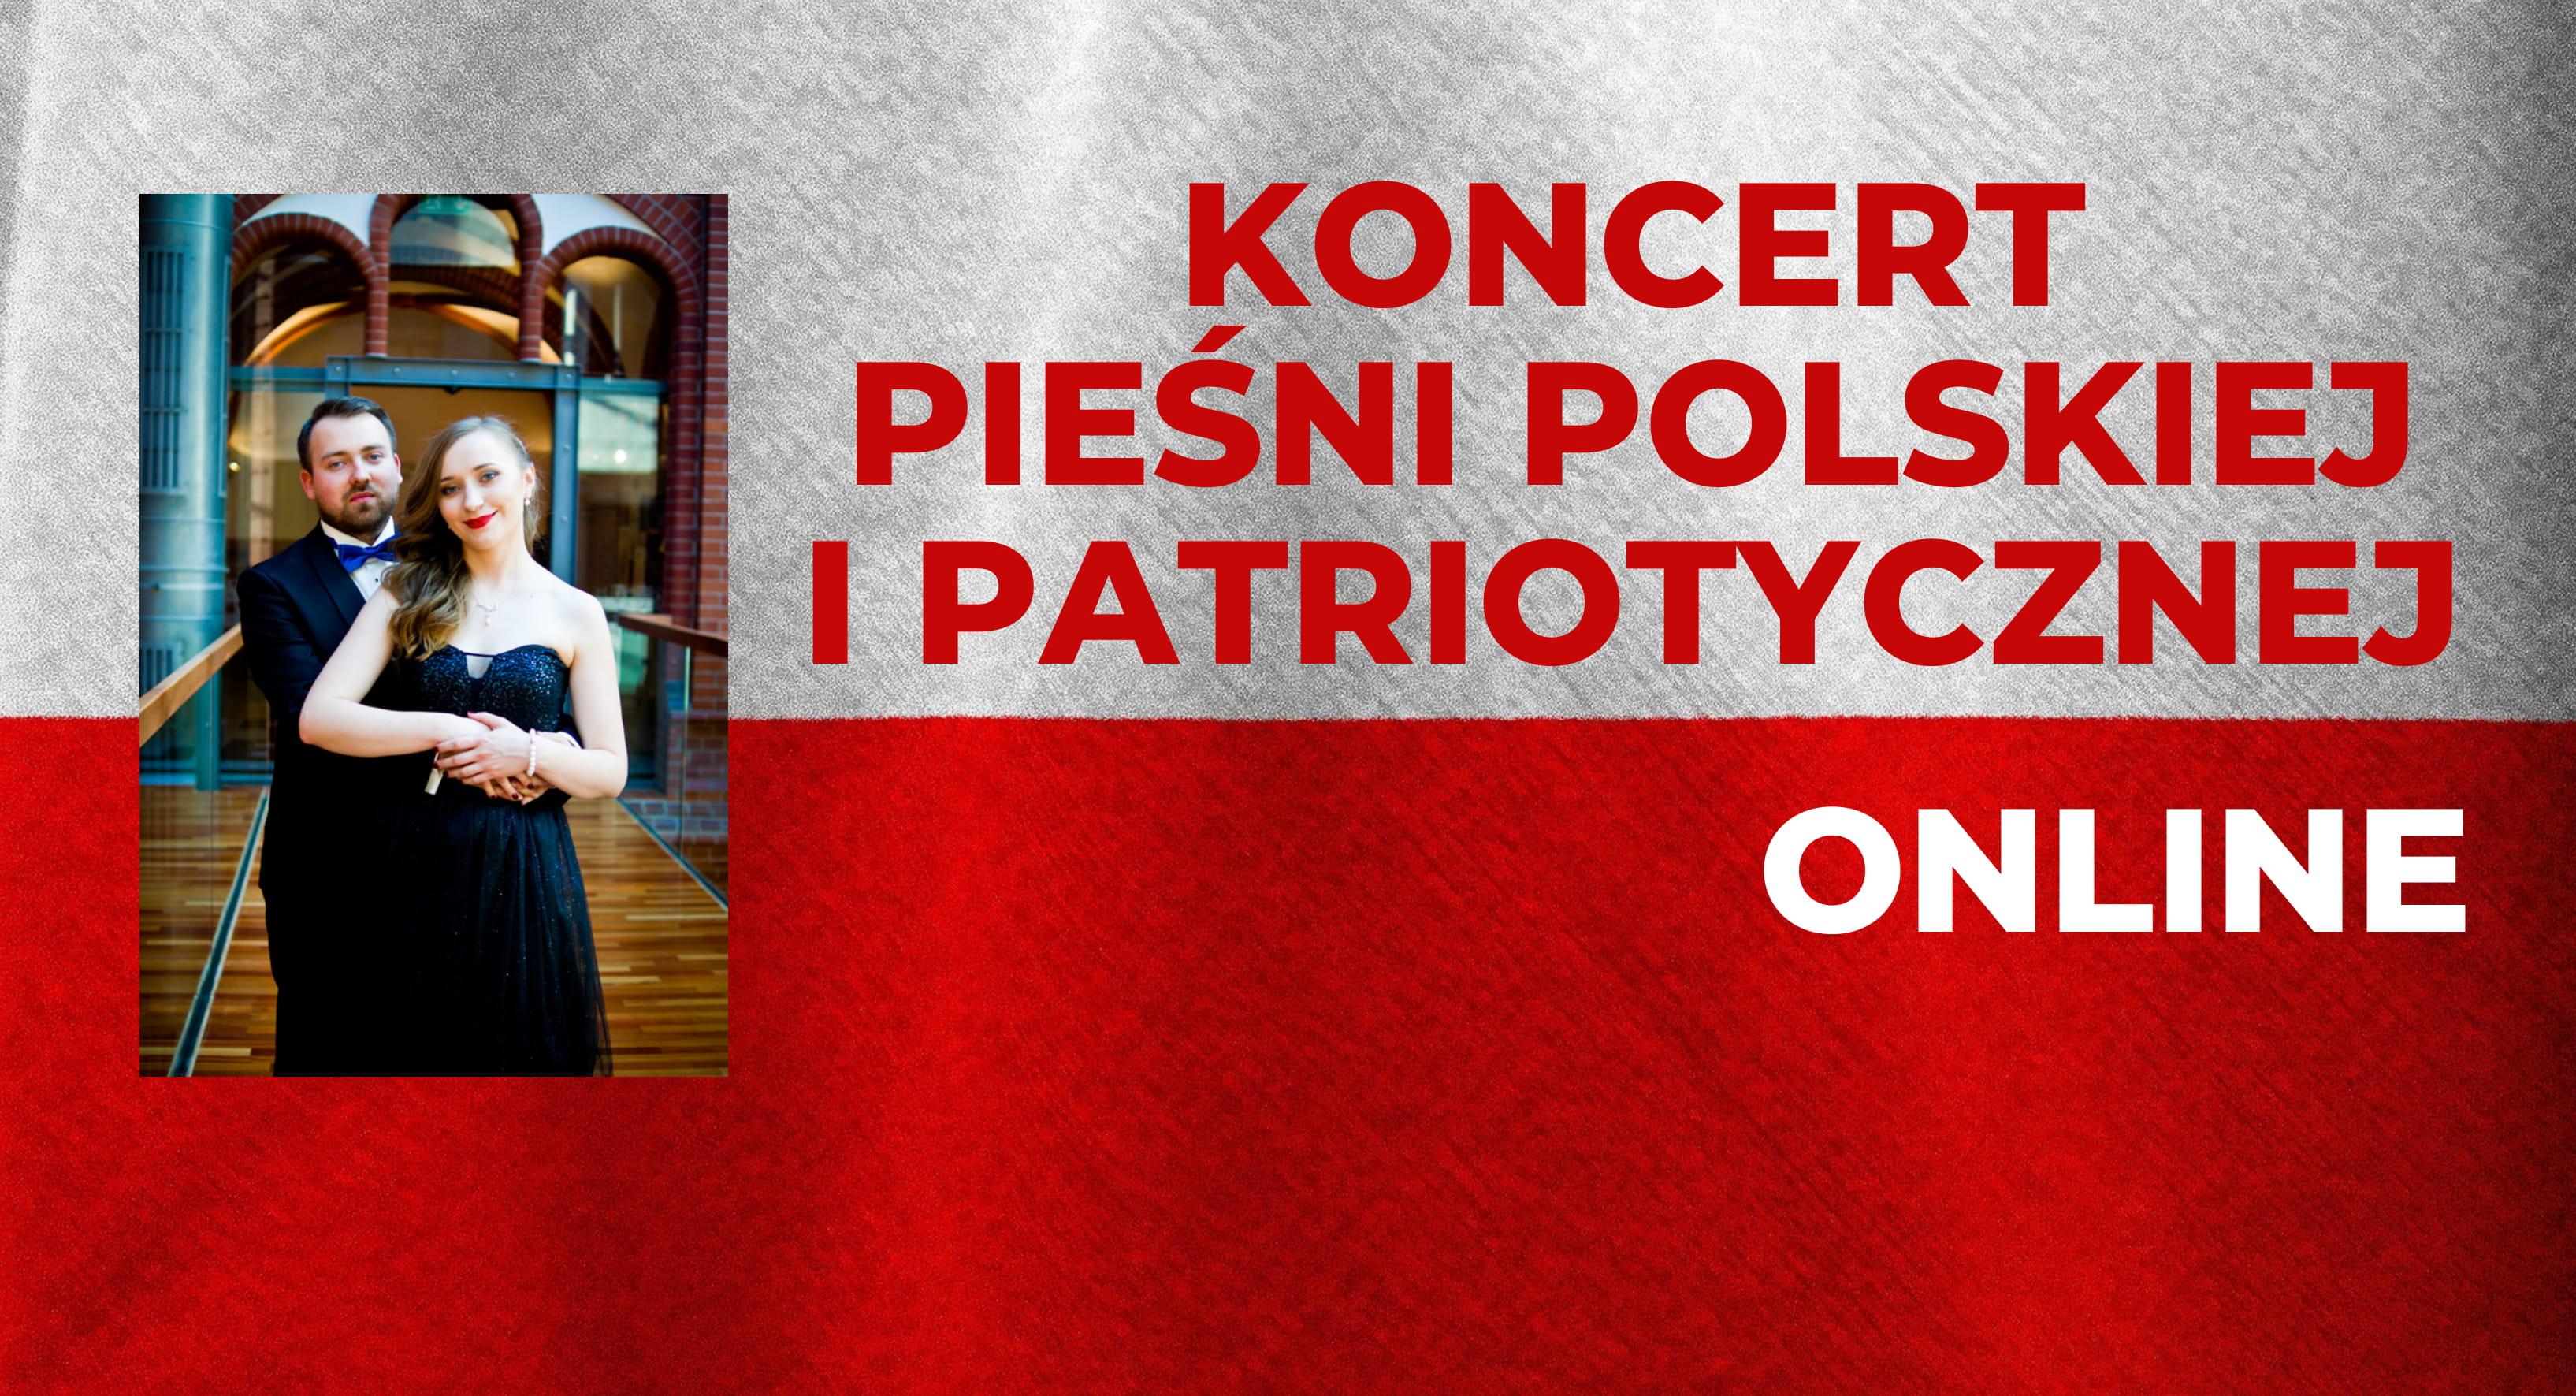 Slier na koncert pieśni polskiej i patriotycznej - w wersji online 11 listopada 2020 roku